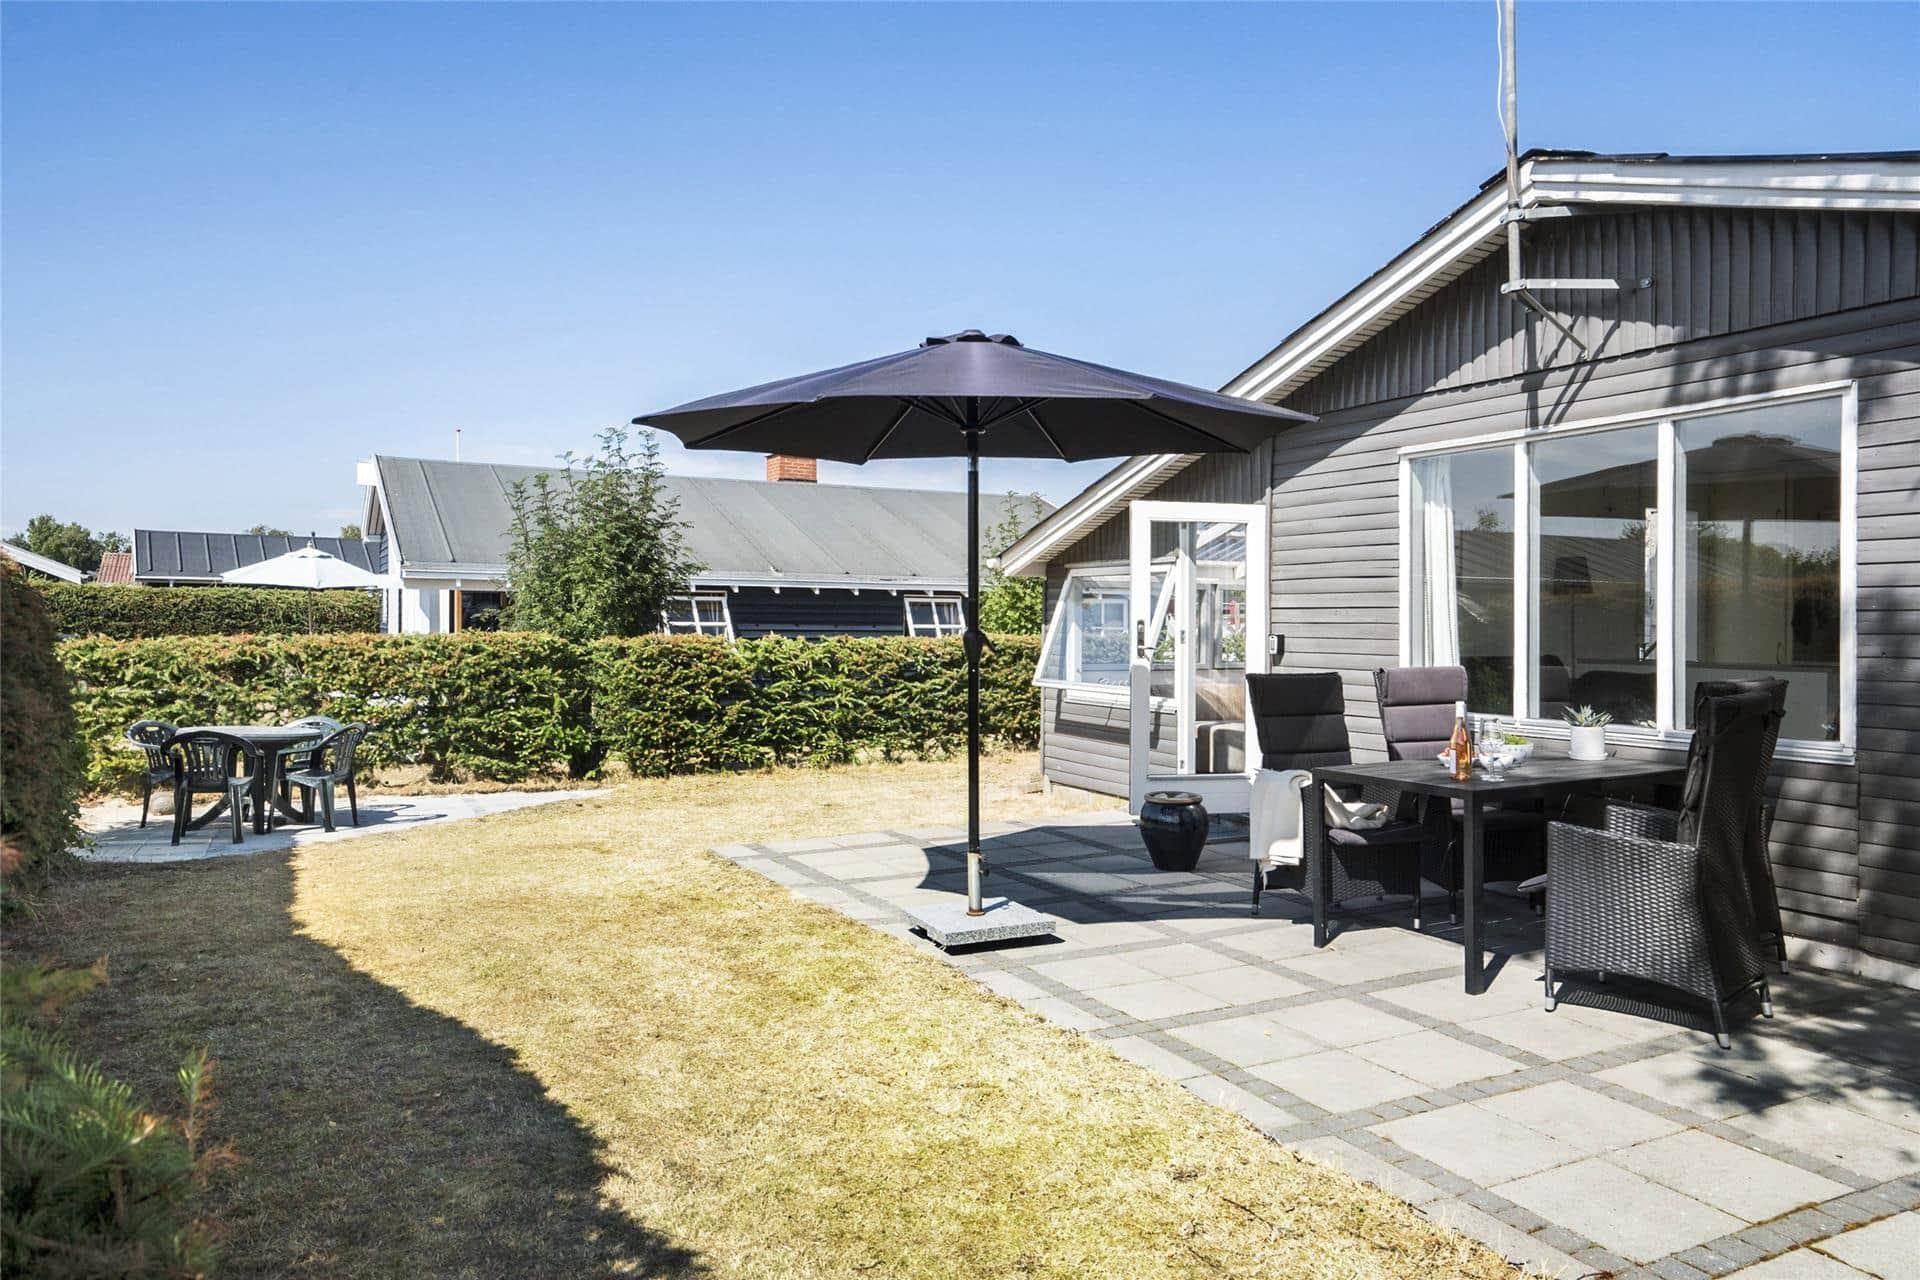 Billede 1-19 Sommerhus 40116, Mirabellevej 10, DK - 7130 Juelsminde